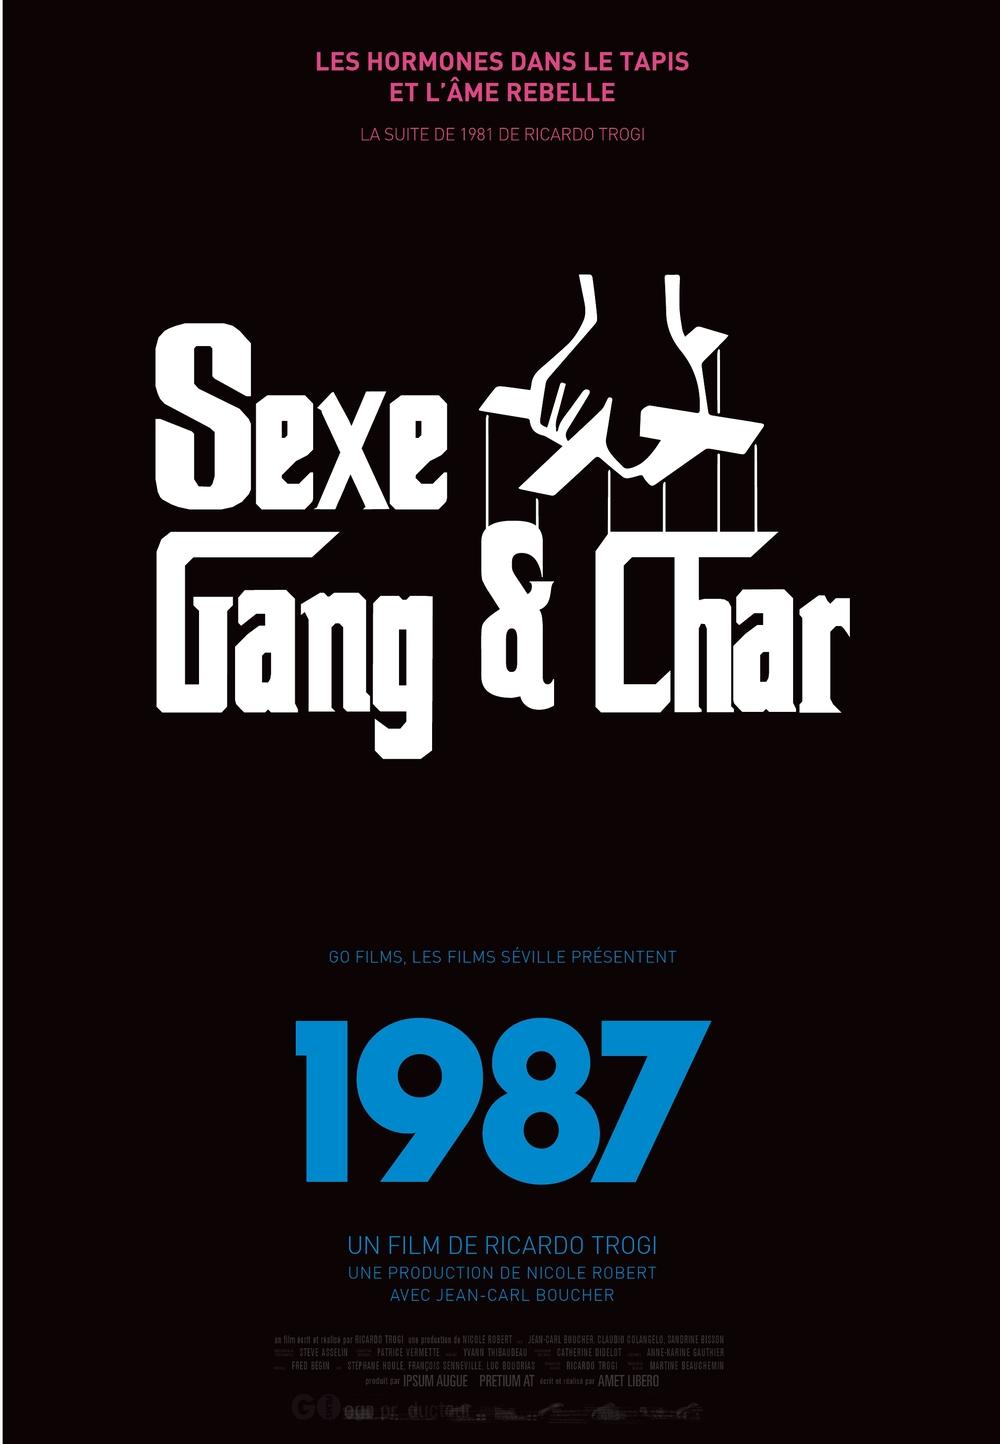 1987-poster-17avril-RENZO_00008.jpg